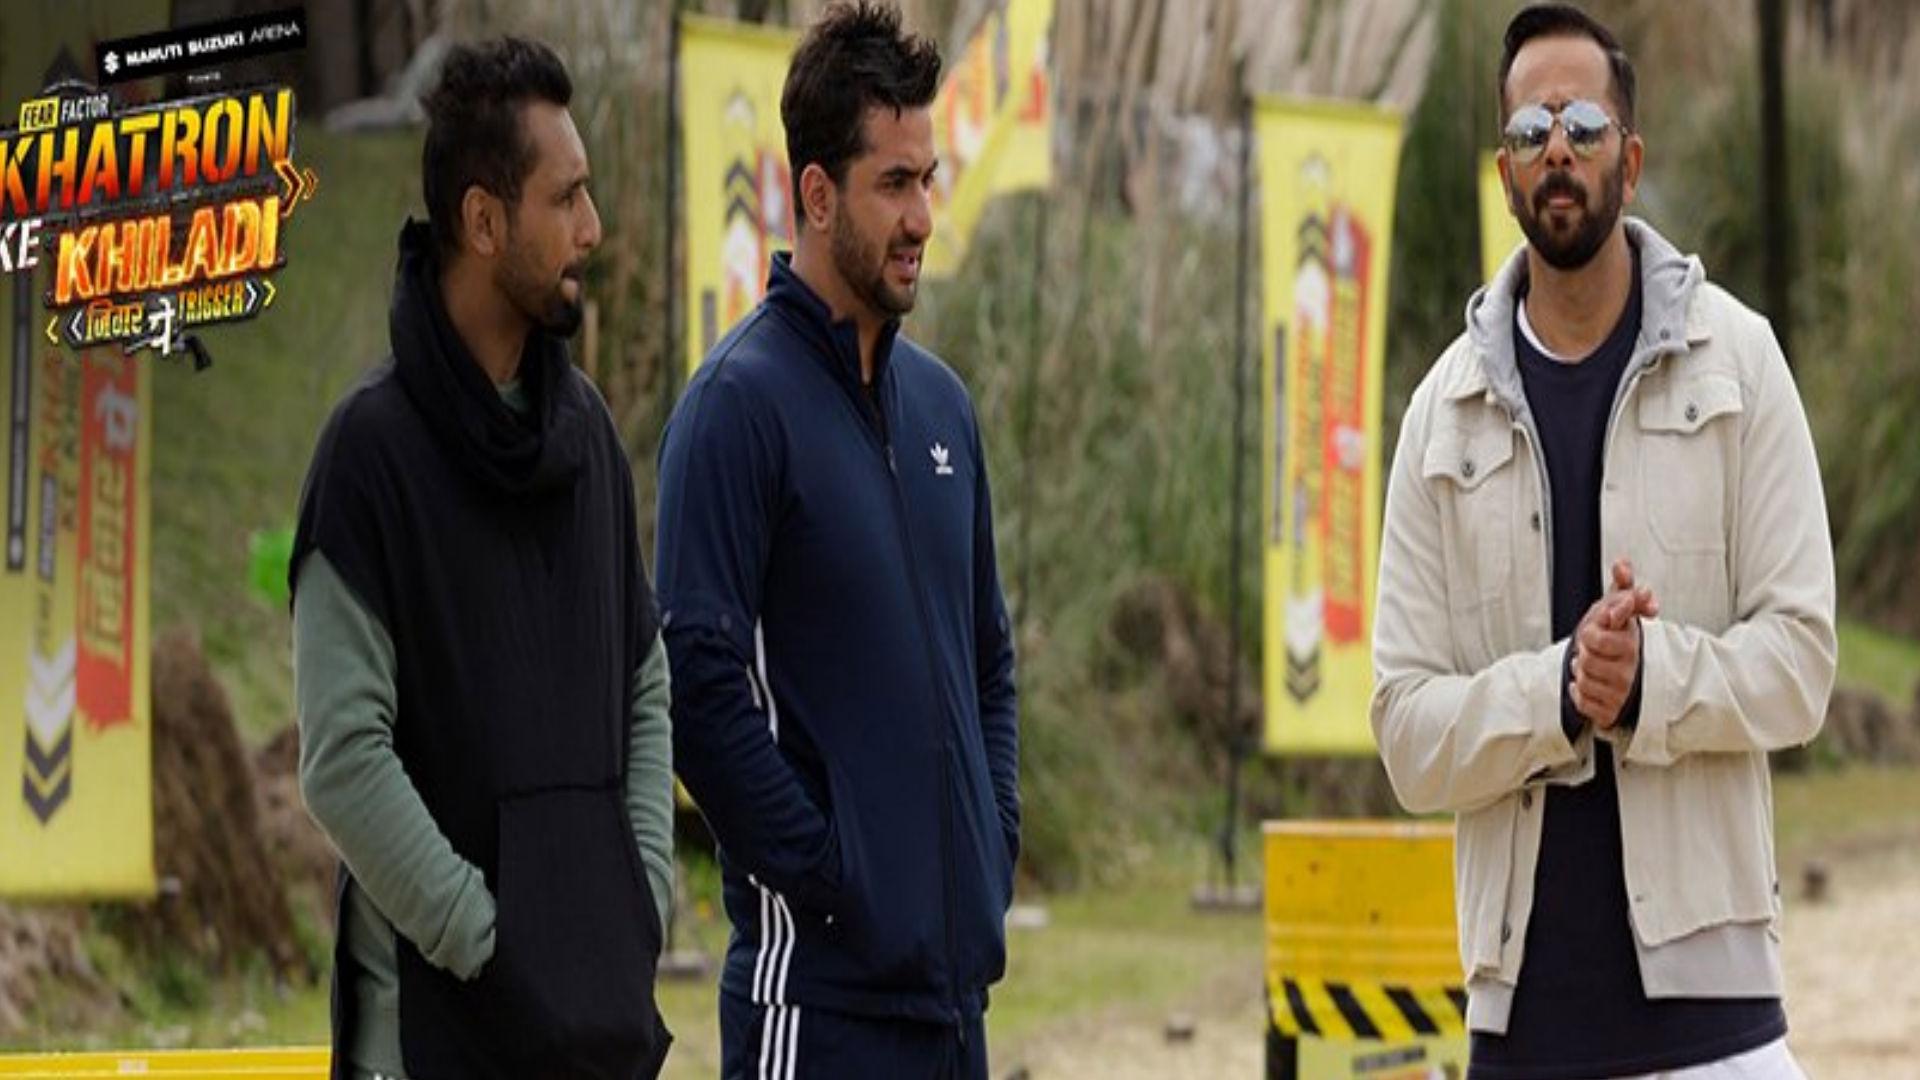 खतरों के खिलाड़ी 9 के फाइनल में पहुंचे ये 6 सितारे, कॉमेडियन भारती सिंह ने बताया शो जीतने का अनोखा टोटका